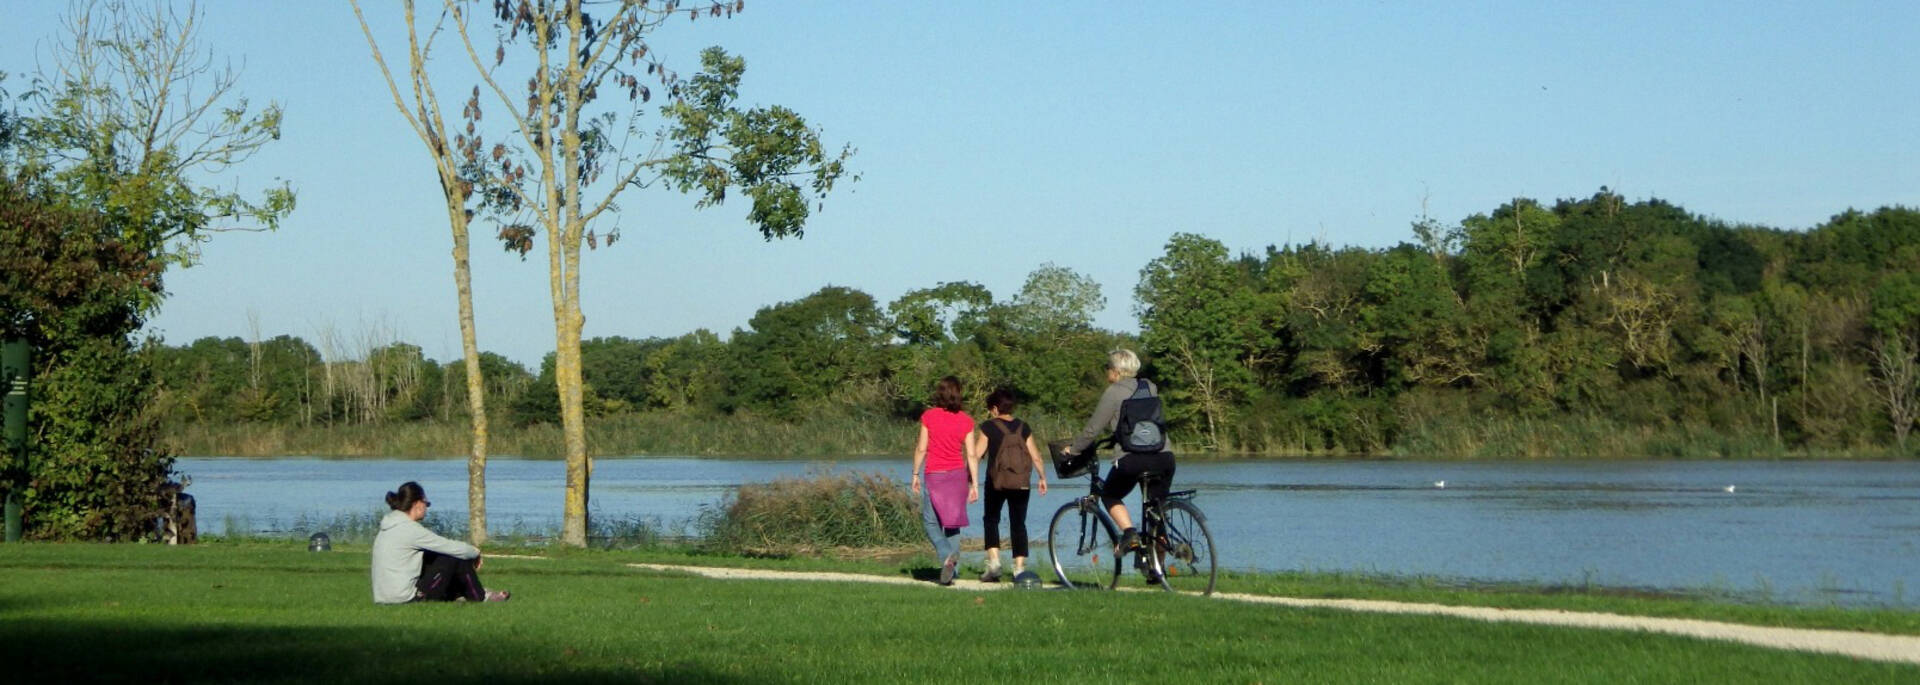 Se balader à pied ou à vélo sur les chemins de Charente à Rochefort - © Office de tourisme Rochefort Océan